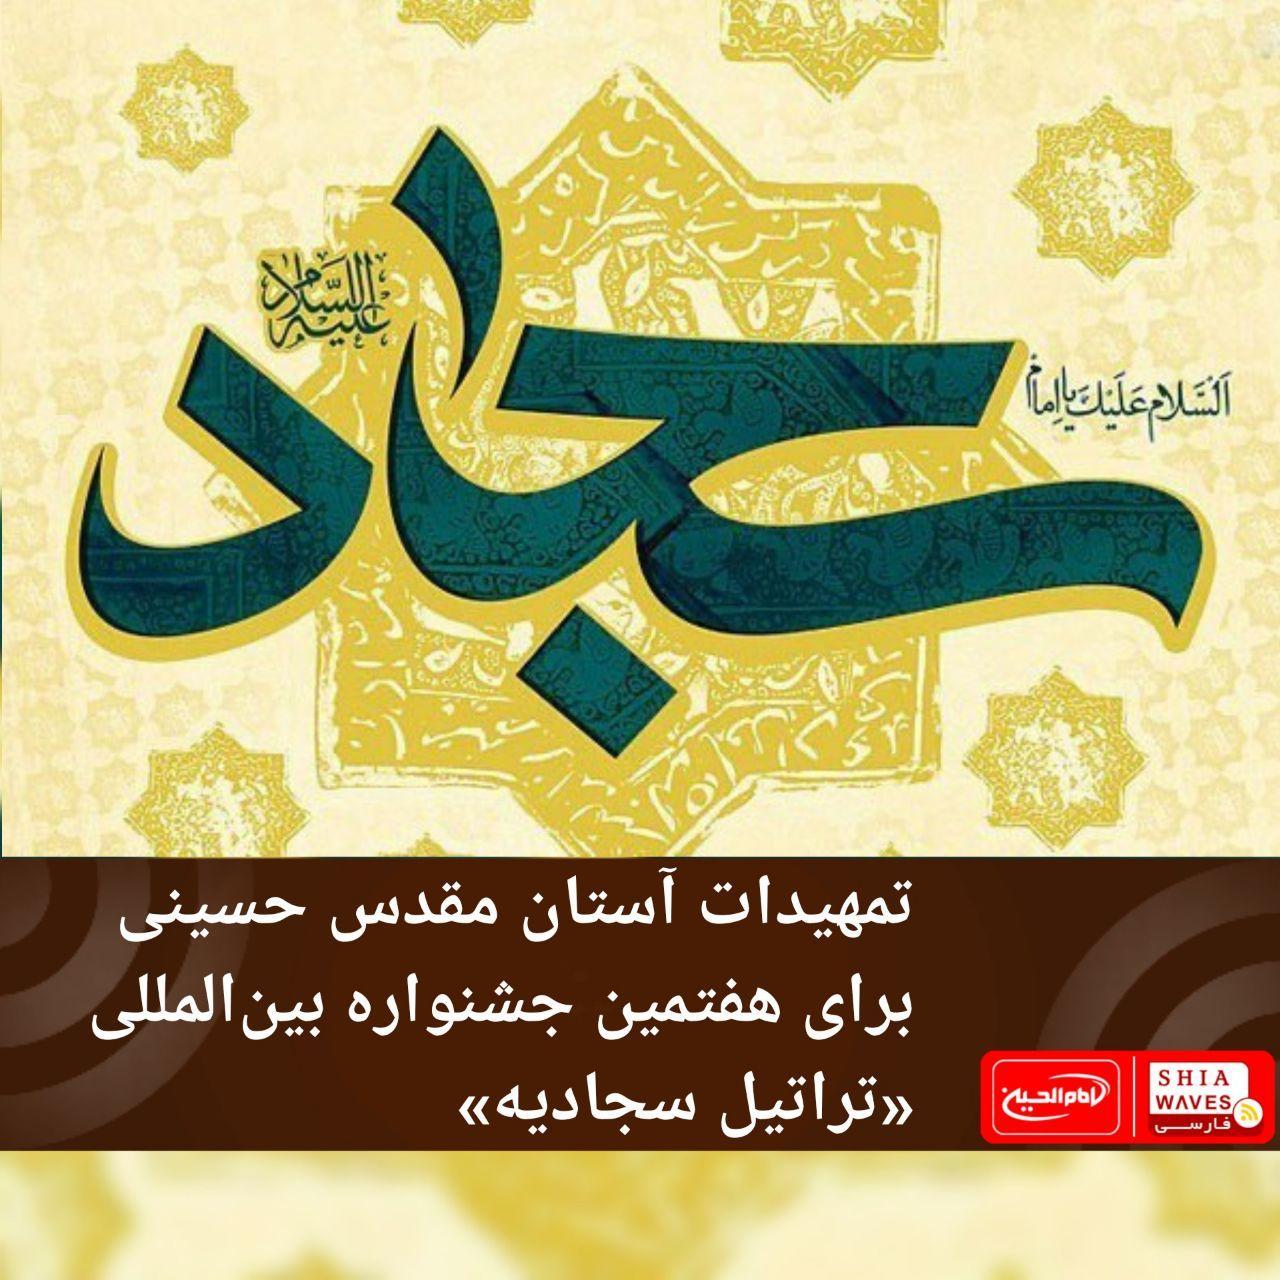 Photo of تمهیدات آستان مقدس حسینی برای هفتمین جشنواره بینالمللی «تراتیل سجادیه»